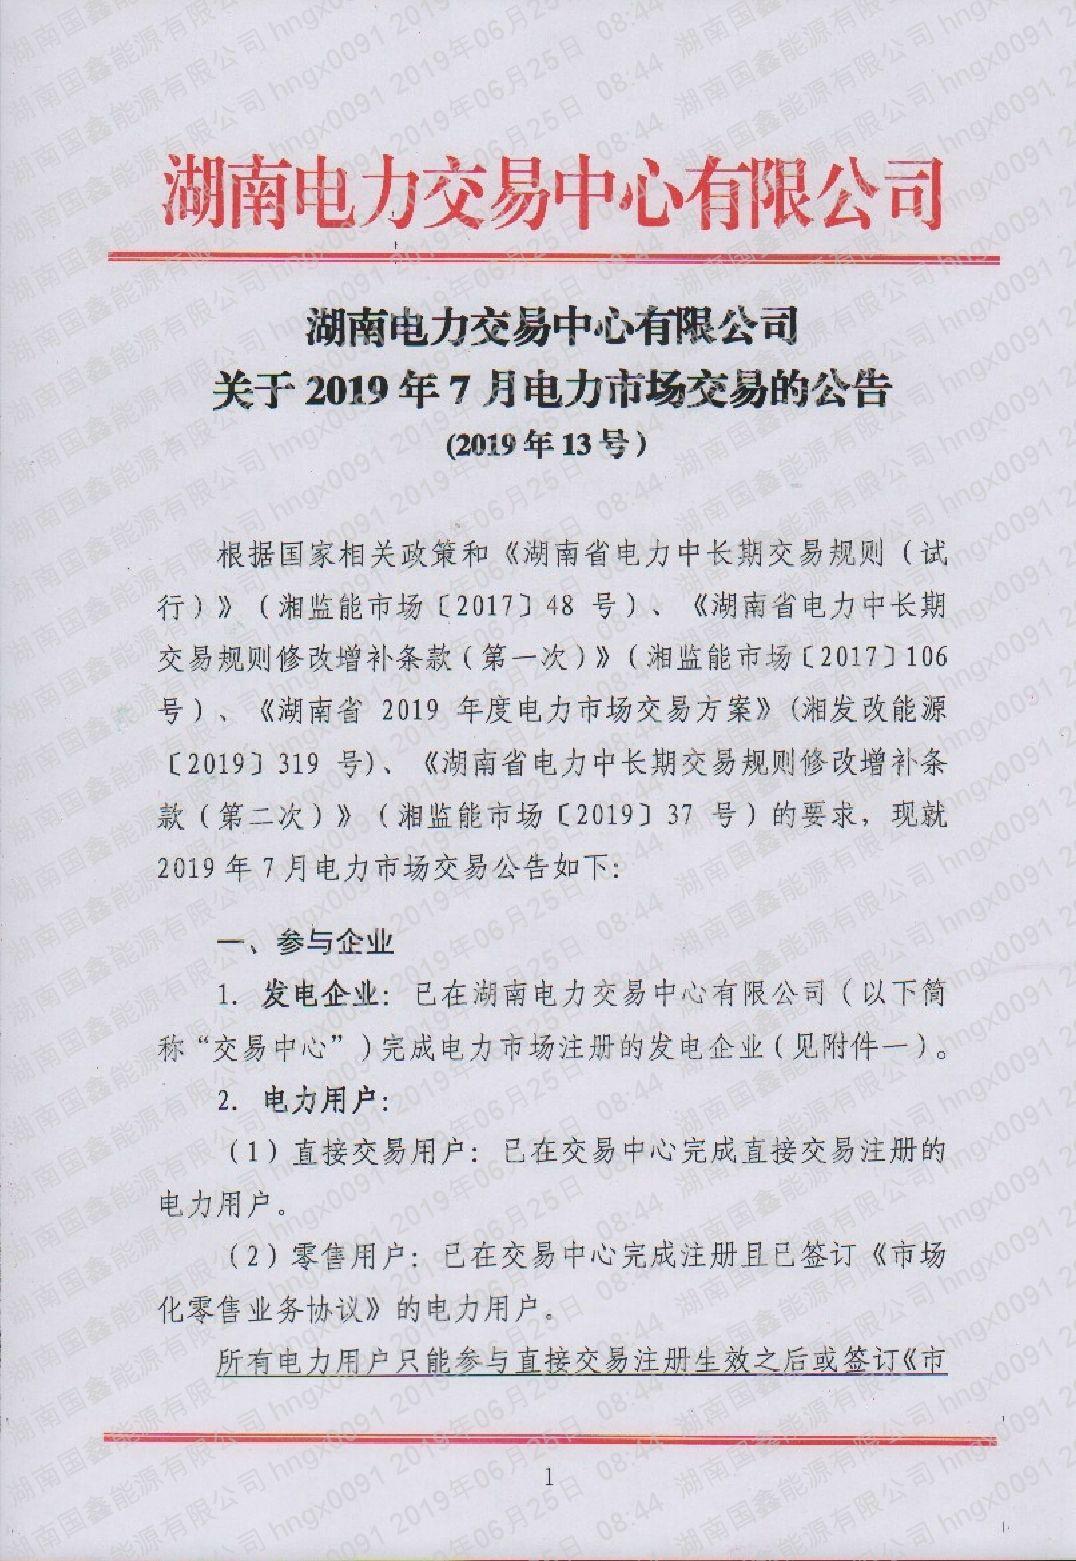 湖南電力交易中心有限公司關于2019年7月電力市場交易的公告(2019年13號).pdf_page_1_compressed_compressed.jpg